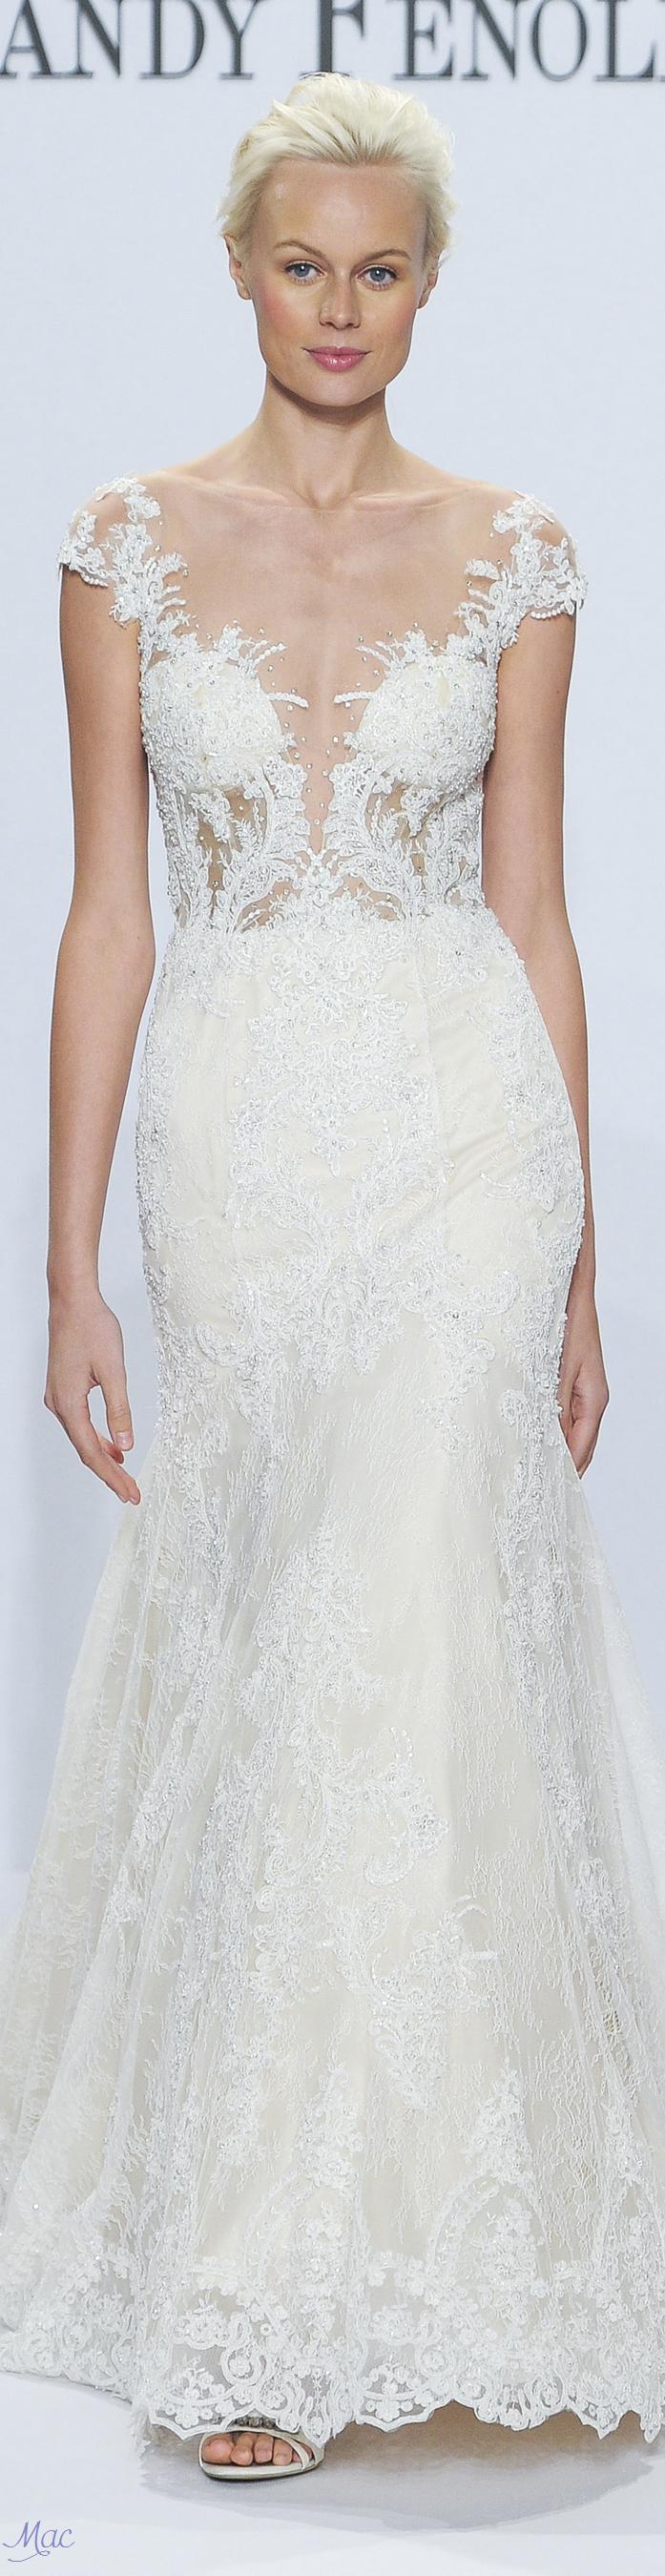 Randy fenoli wedding dresses  Spring  Bridal Randy Fenoli  Spring  Bridal  Pinterest